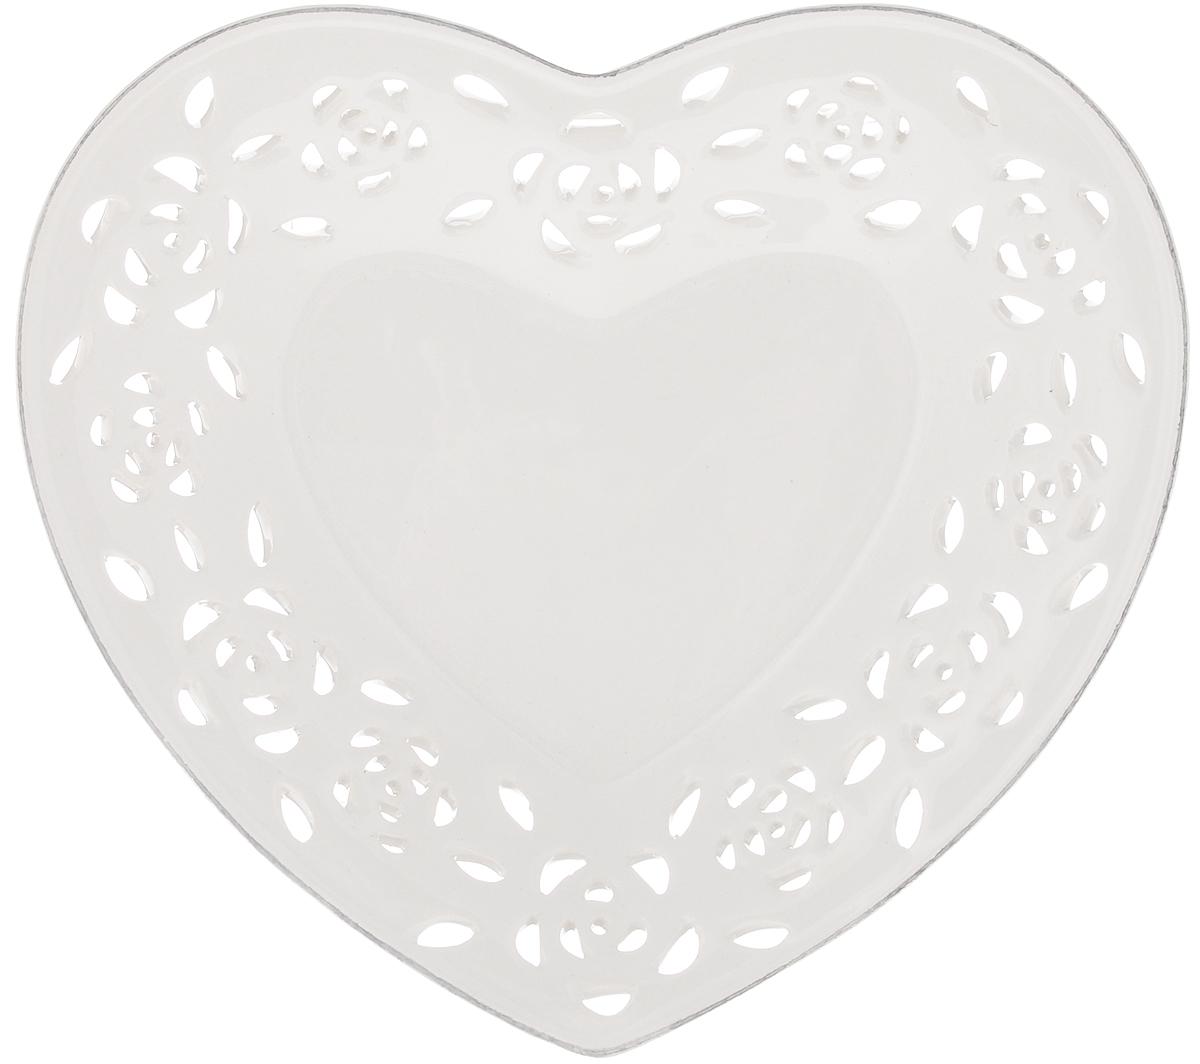 Блюдо Loraine Сердце, 18,5 х 16,5 х 3 см94672Блюдо Loraine Сердце изготовлено из высококачественной доломитовой керамики в форме сердца и украшено оригинальным ажурным узором. Стильная форма и интересное исполнение позволят блюду идеально вписаться в любой интерьер, а универсальный белый цвет подойдет к любой мебели. Такое блюдо привнесет новизну в вашу кухню и порадует глаз.